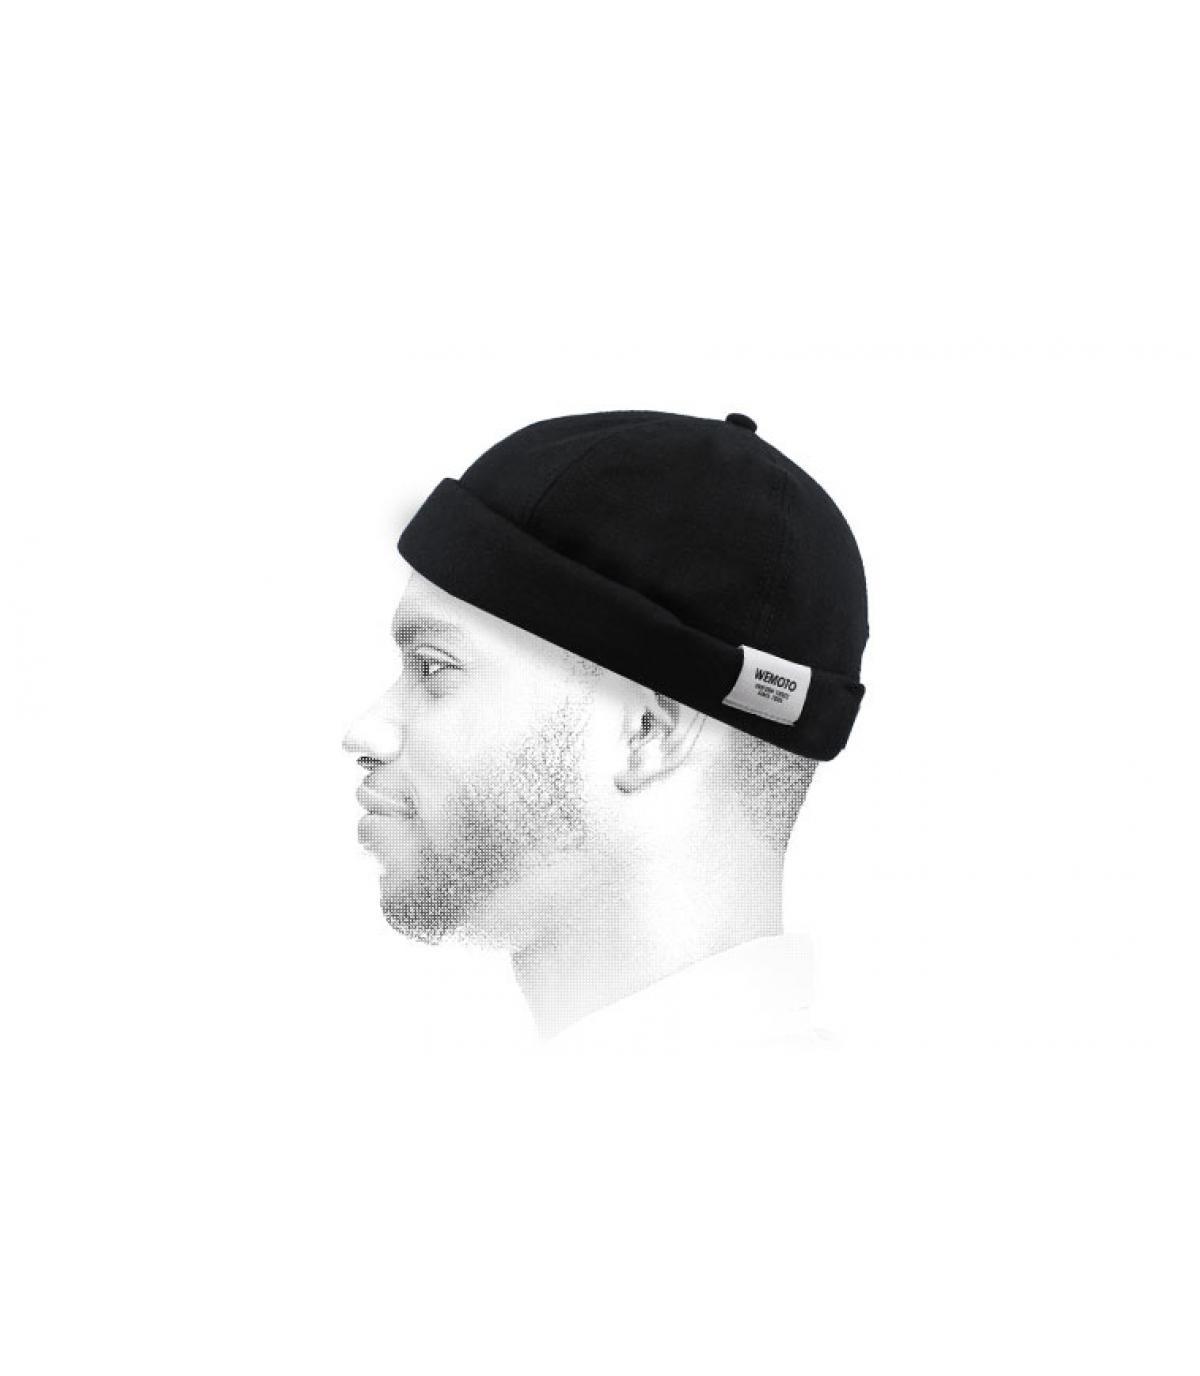 zwarte docker hoed Wemoto